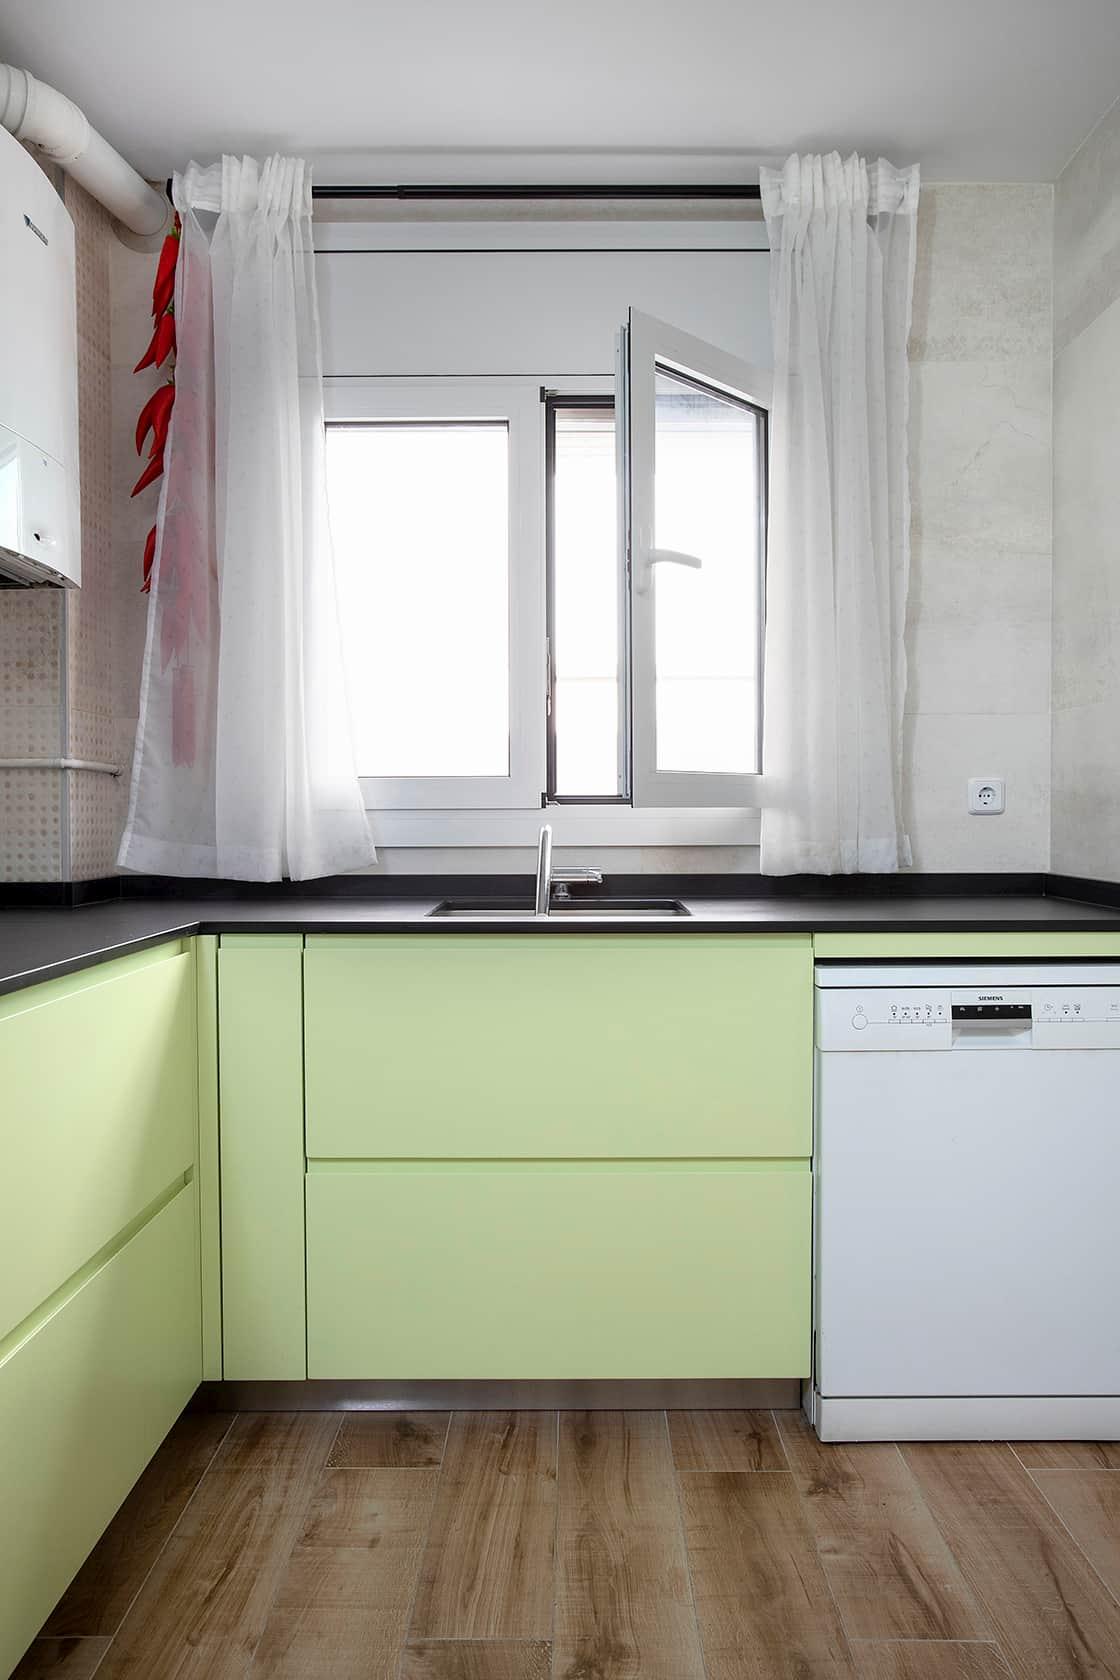 Ventana abierta en cocina verde lima